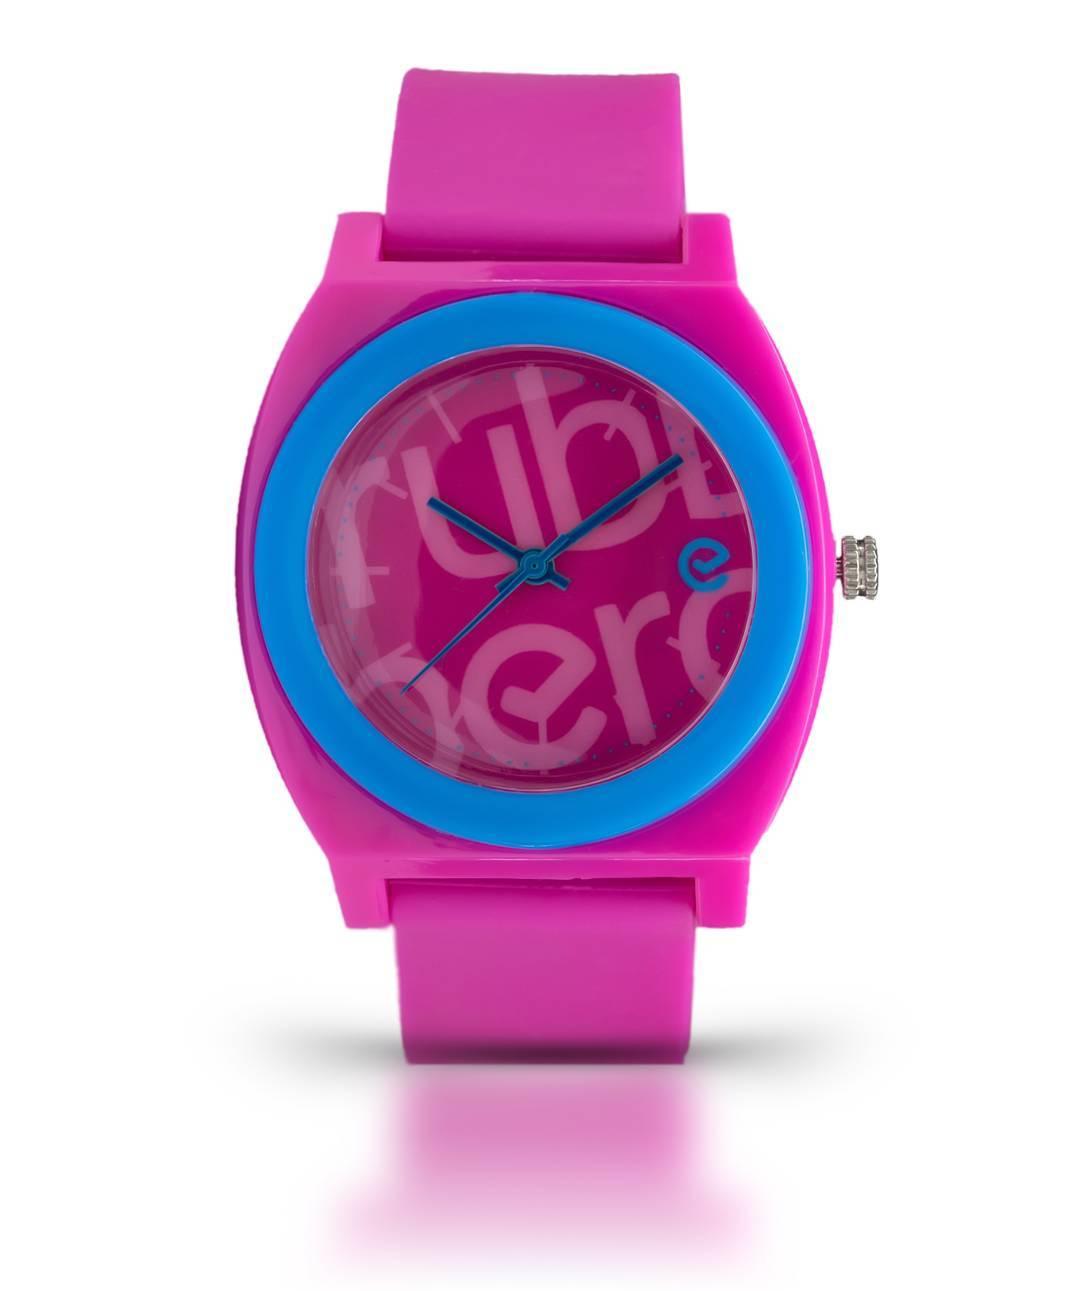 Hoy arrancás la semana con toda la onda de tu #Wave Fucsia. ⌚ Conseguilo en nuestro Shop Online. #ItsRubberTime #Watches #Trendy